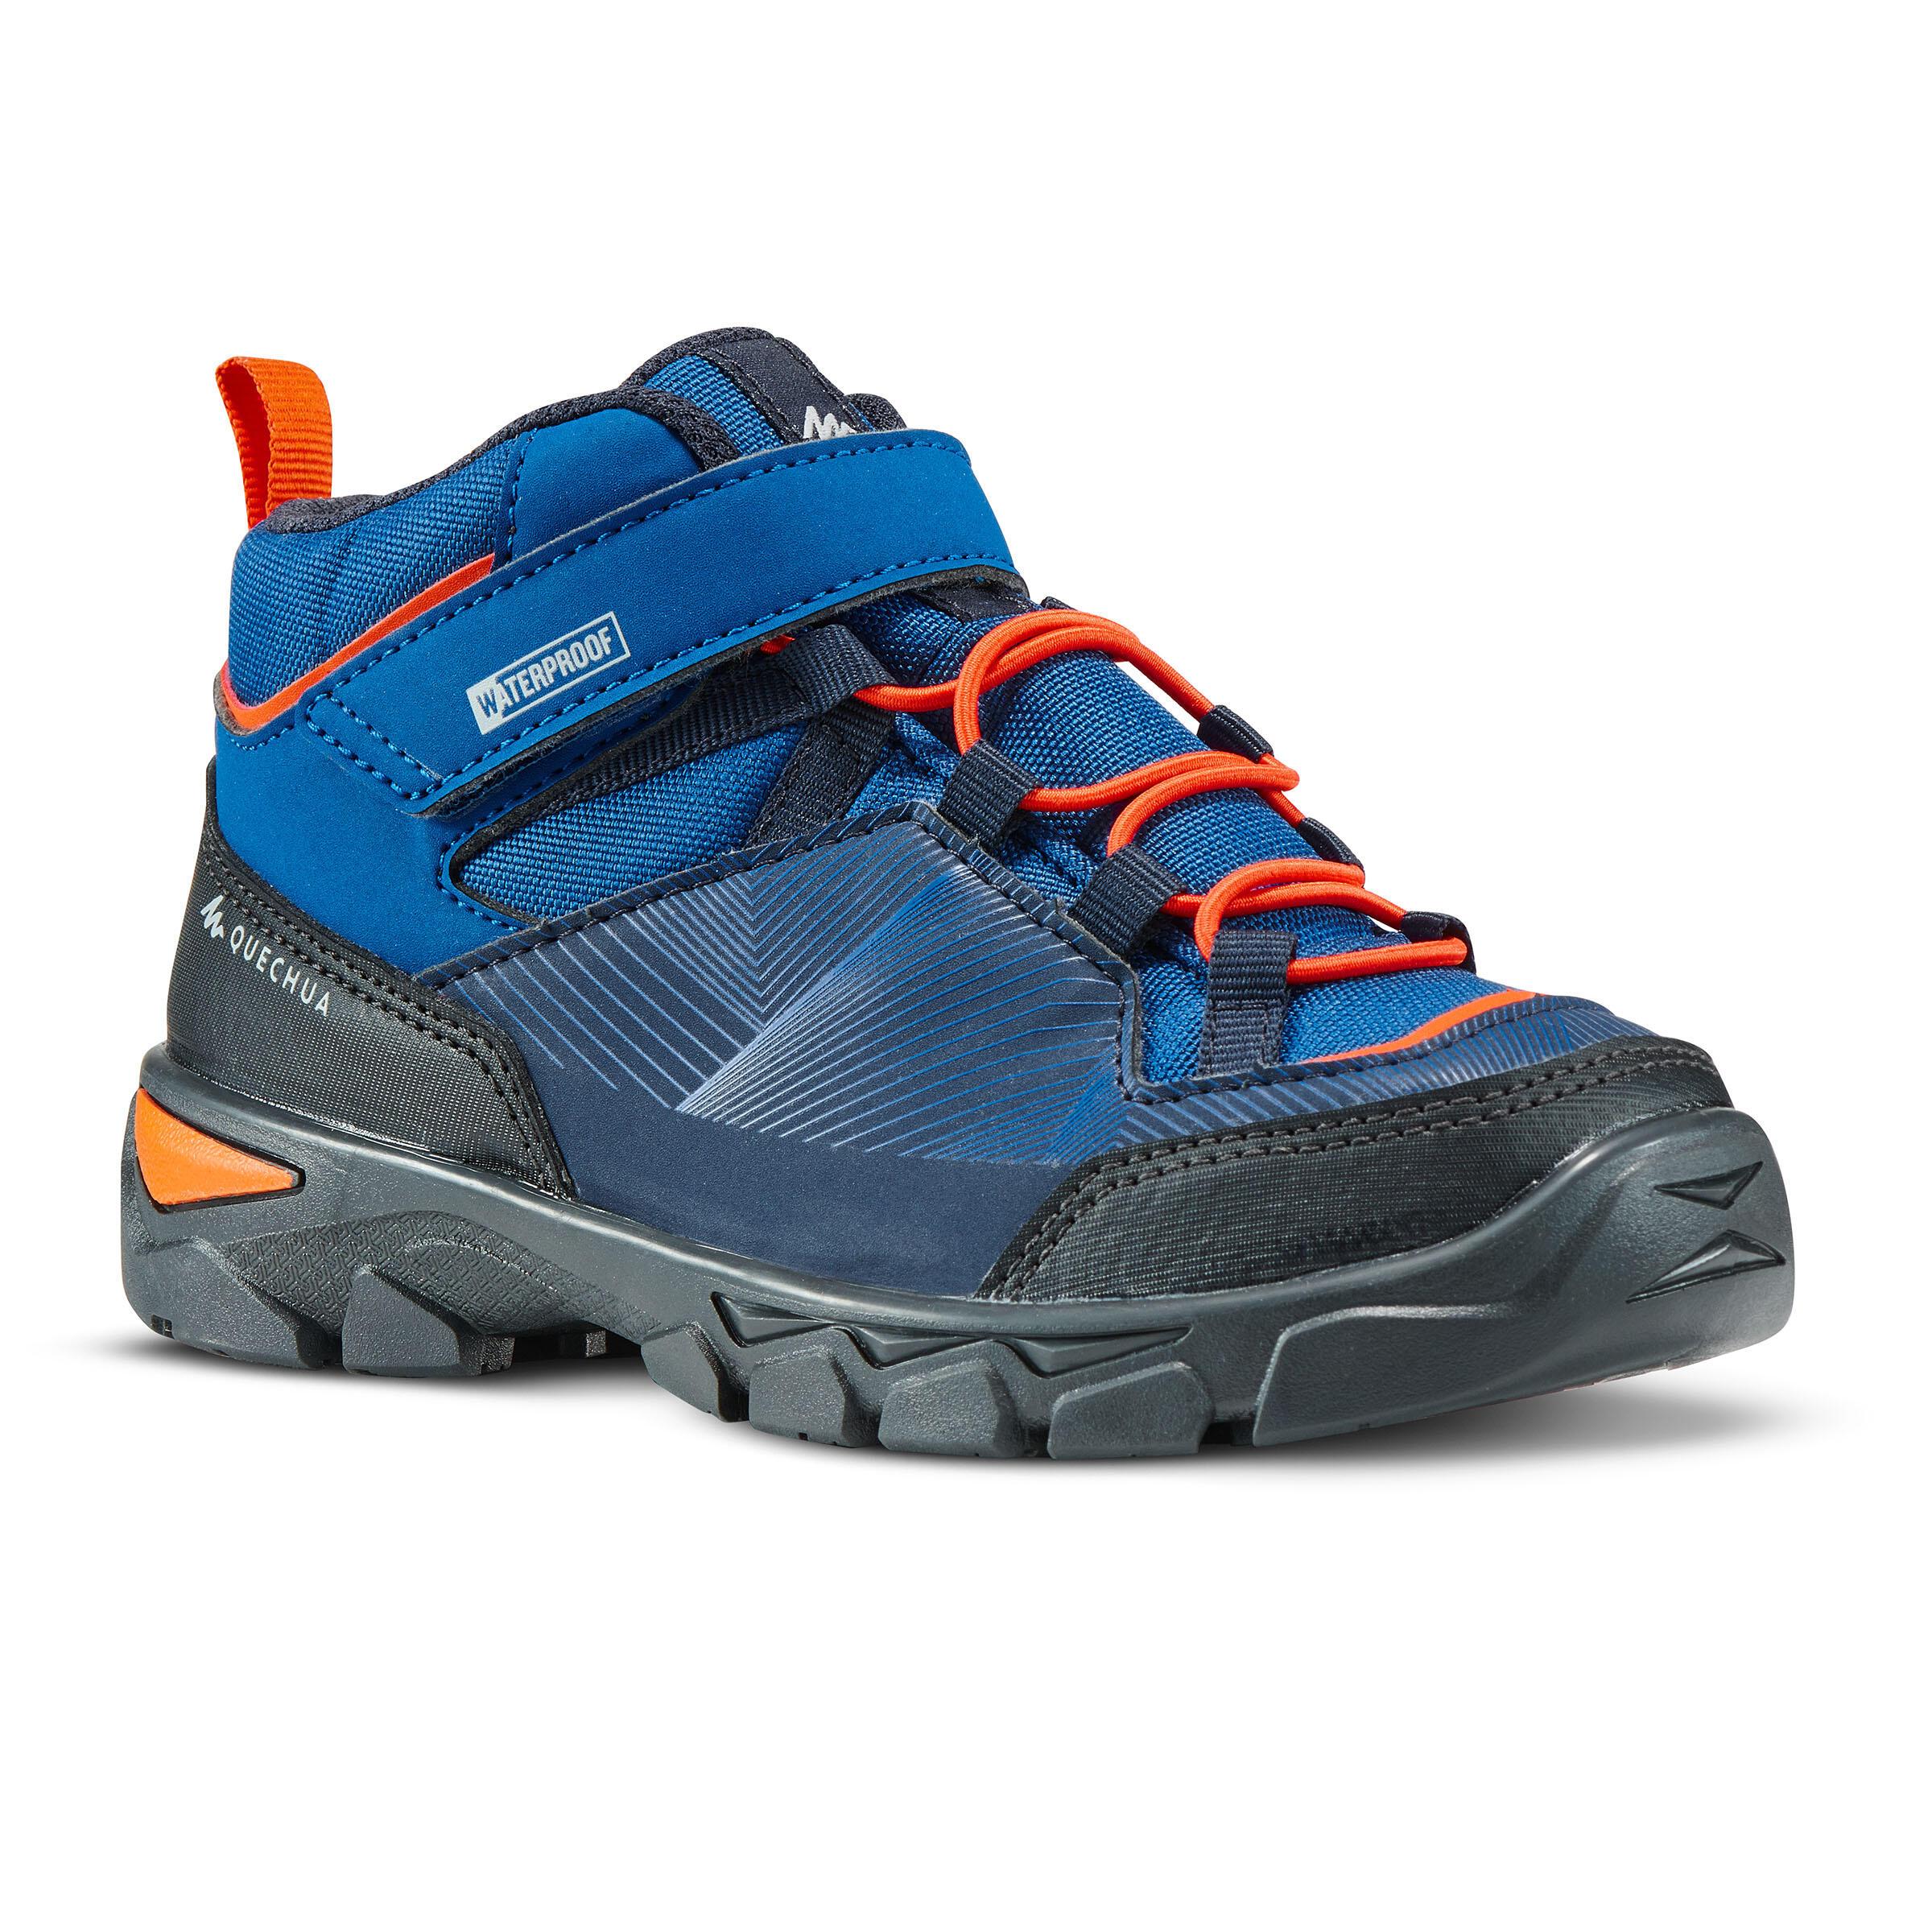 Quechua Hoge wandelschoenen met klittenband voor kinderen MH120 mid blauw 28 tot 34 kopen